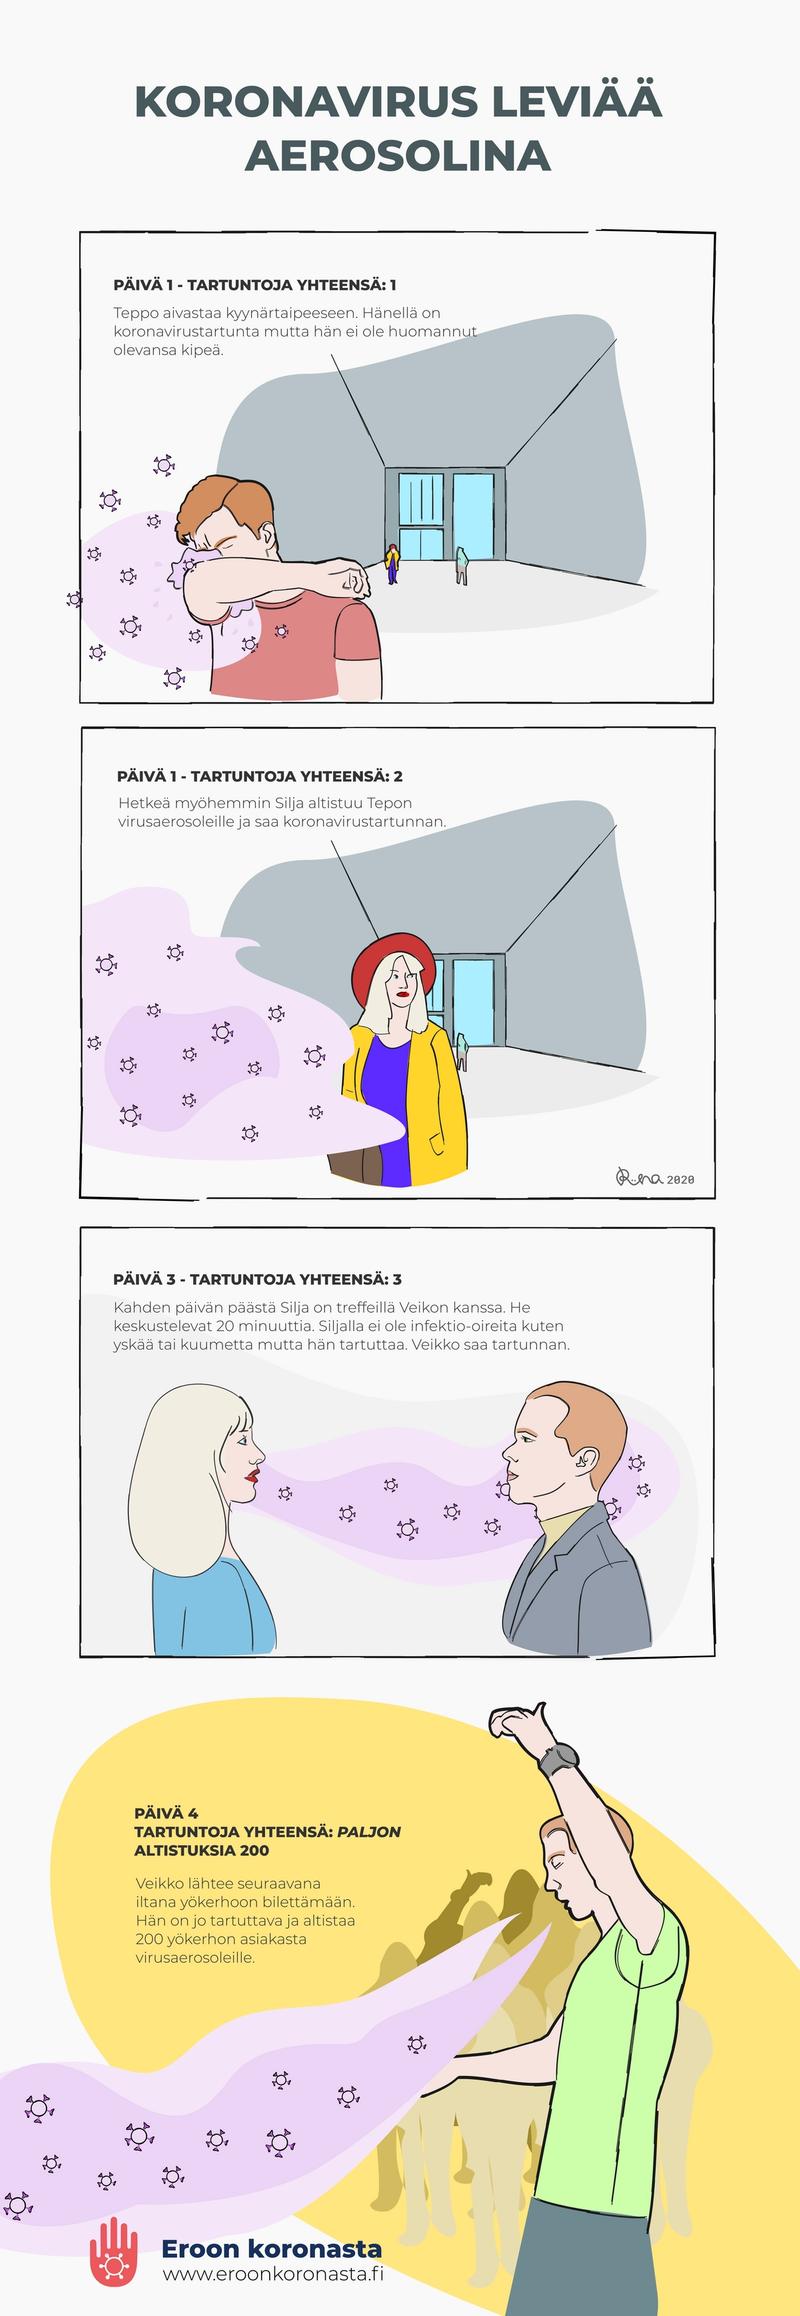 Sarjakuva koronaviruksen leviämisestä